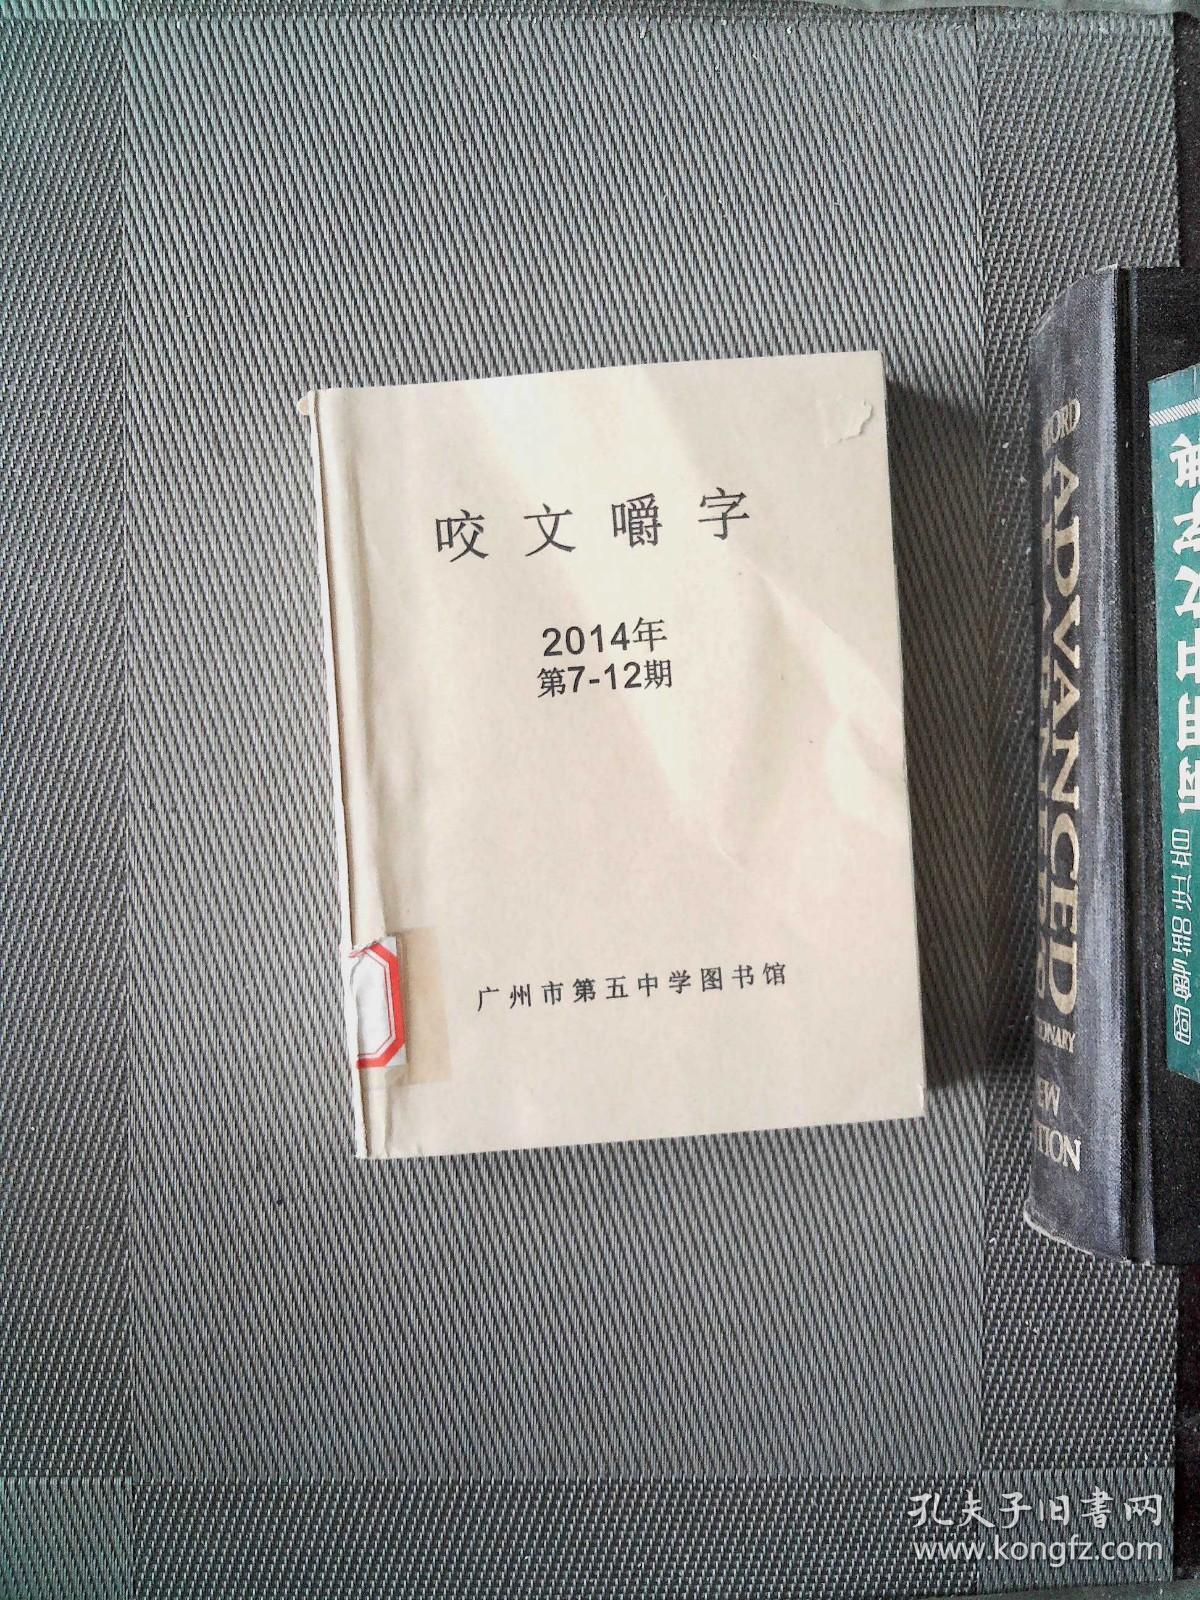 咬文嚼字 2014.7-12